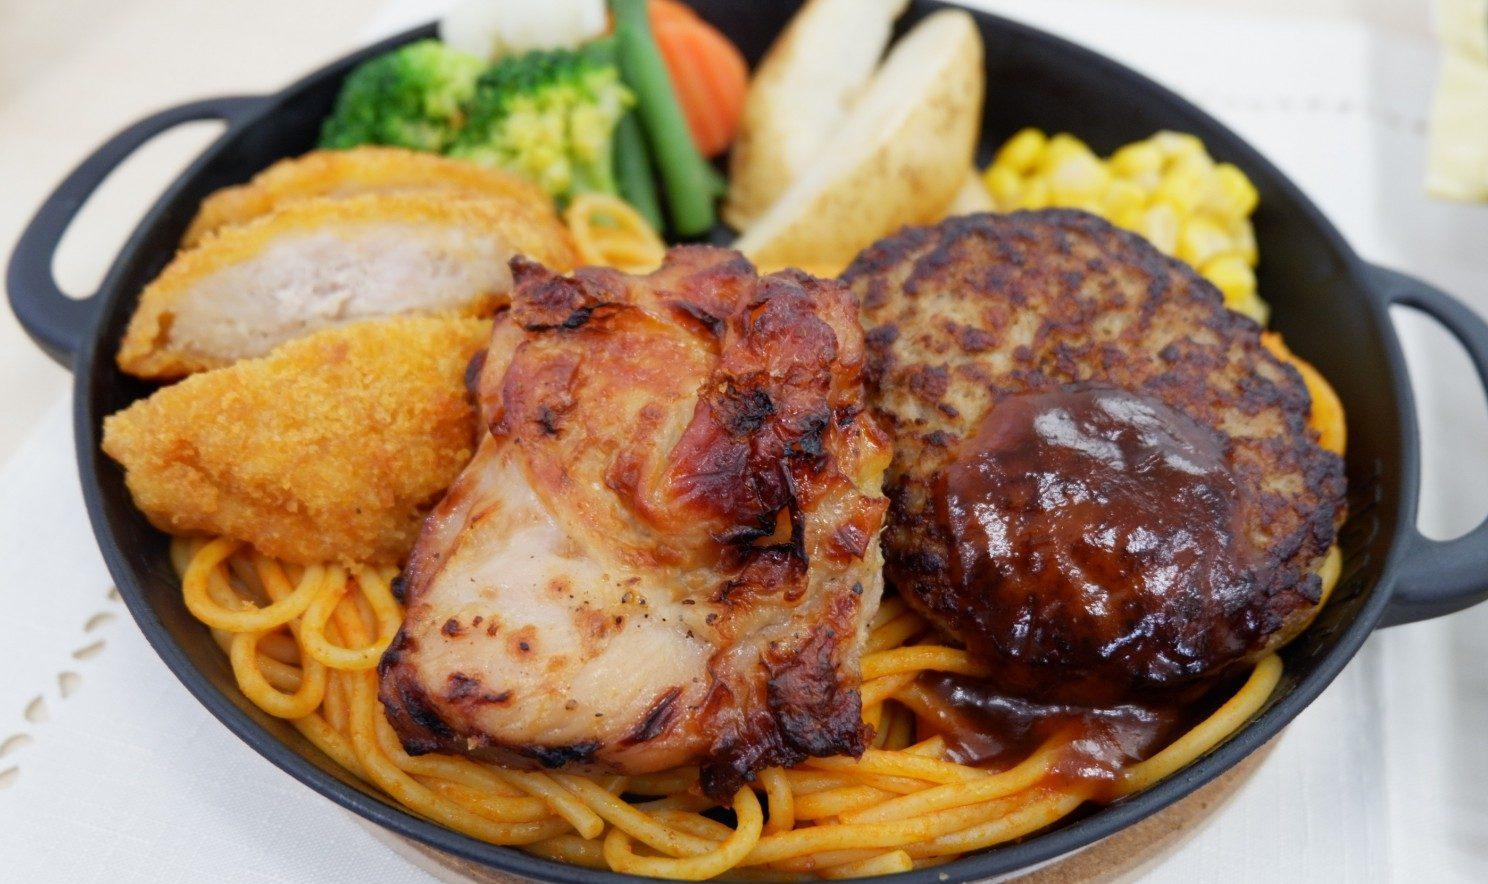 お肉のコンビプレートもできる!!レンジで簡単なおうちで外食気分になれる、「シェフの厨房』シリーズ(日本ハム冷凍食品)